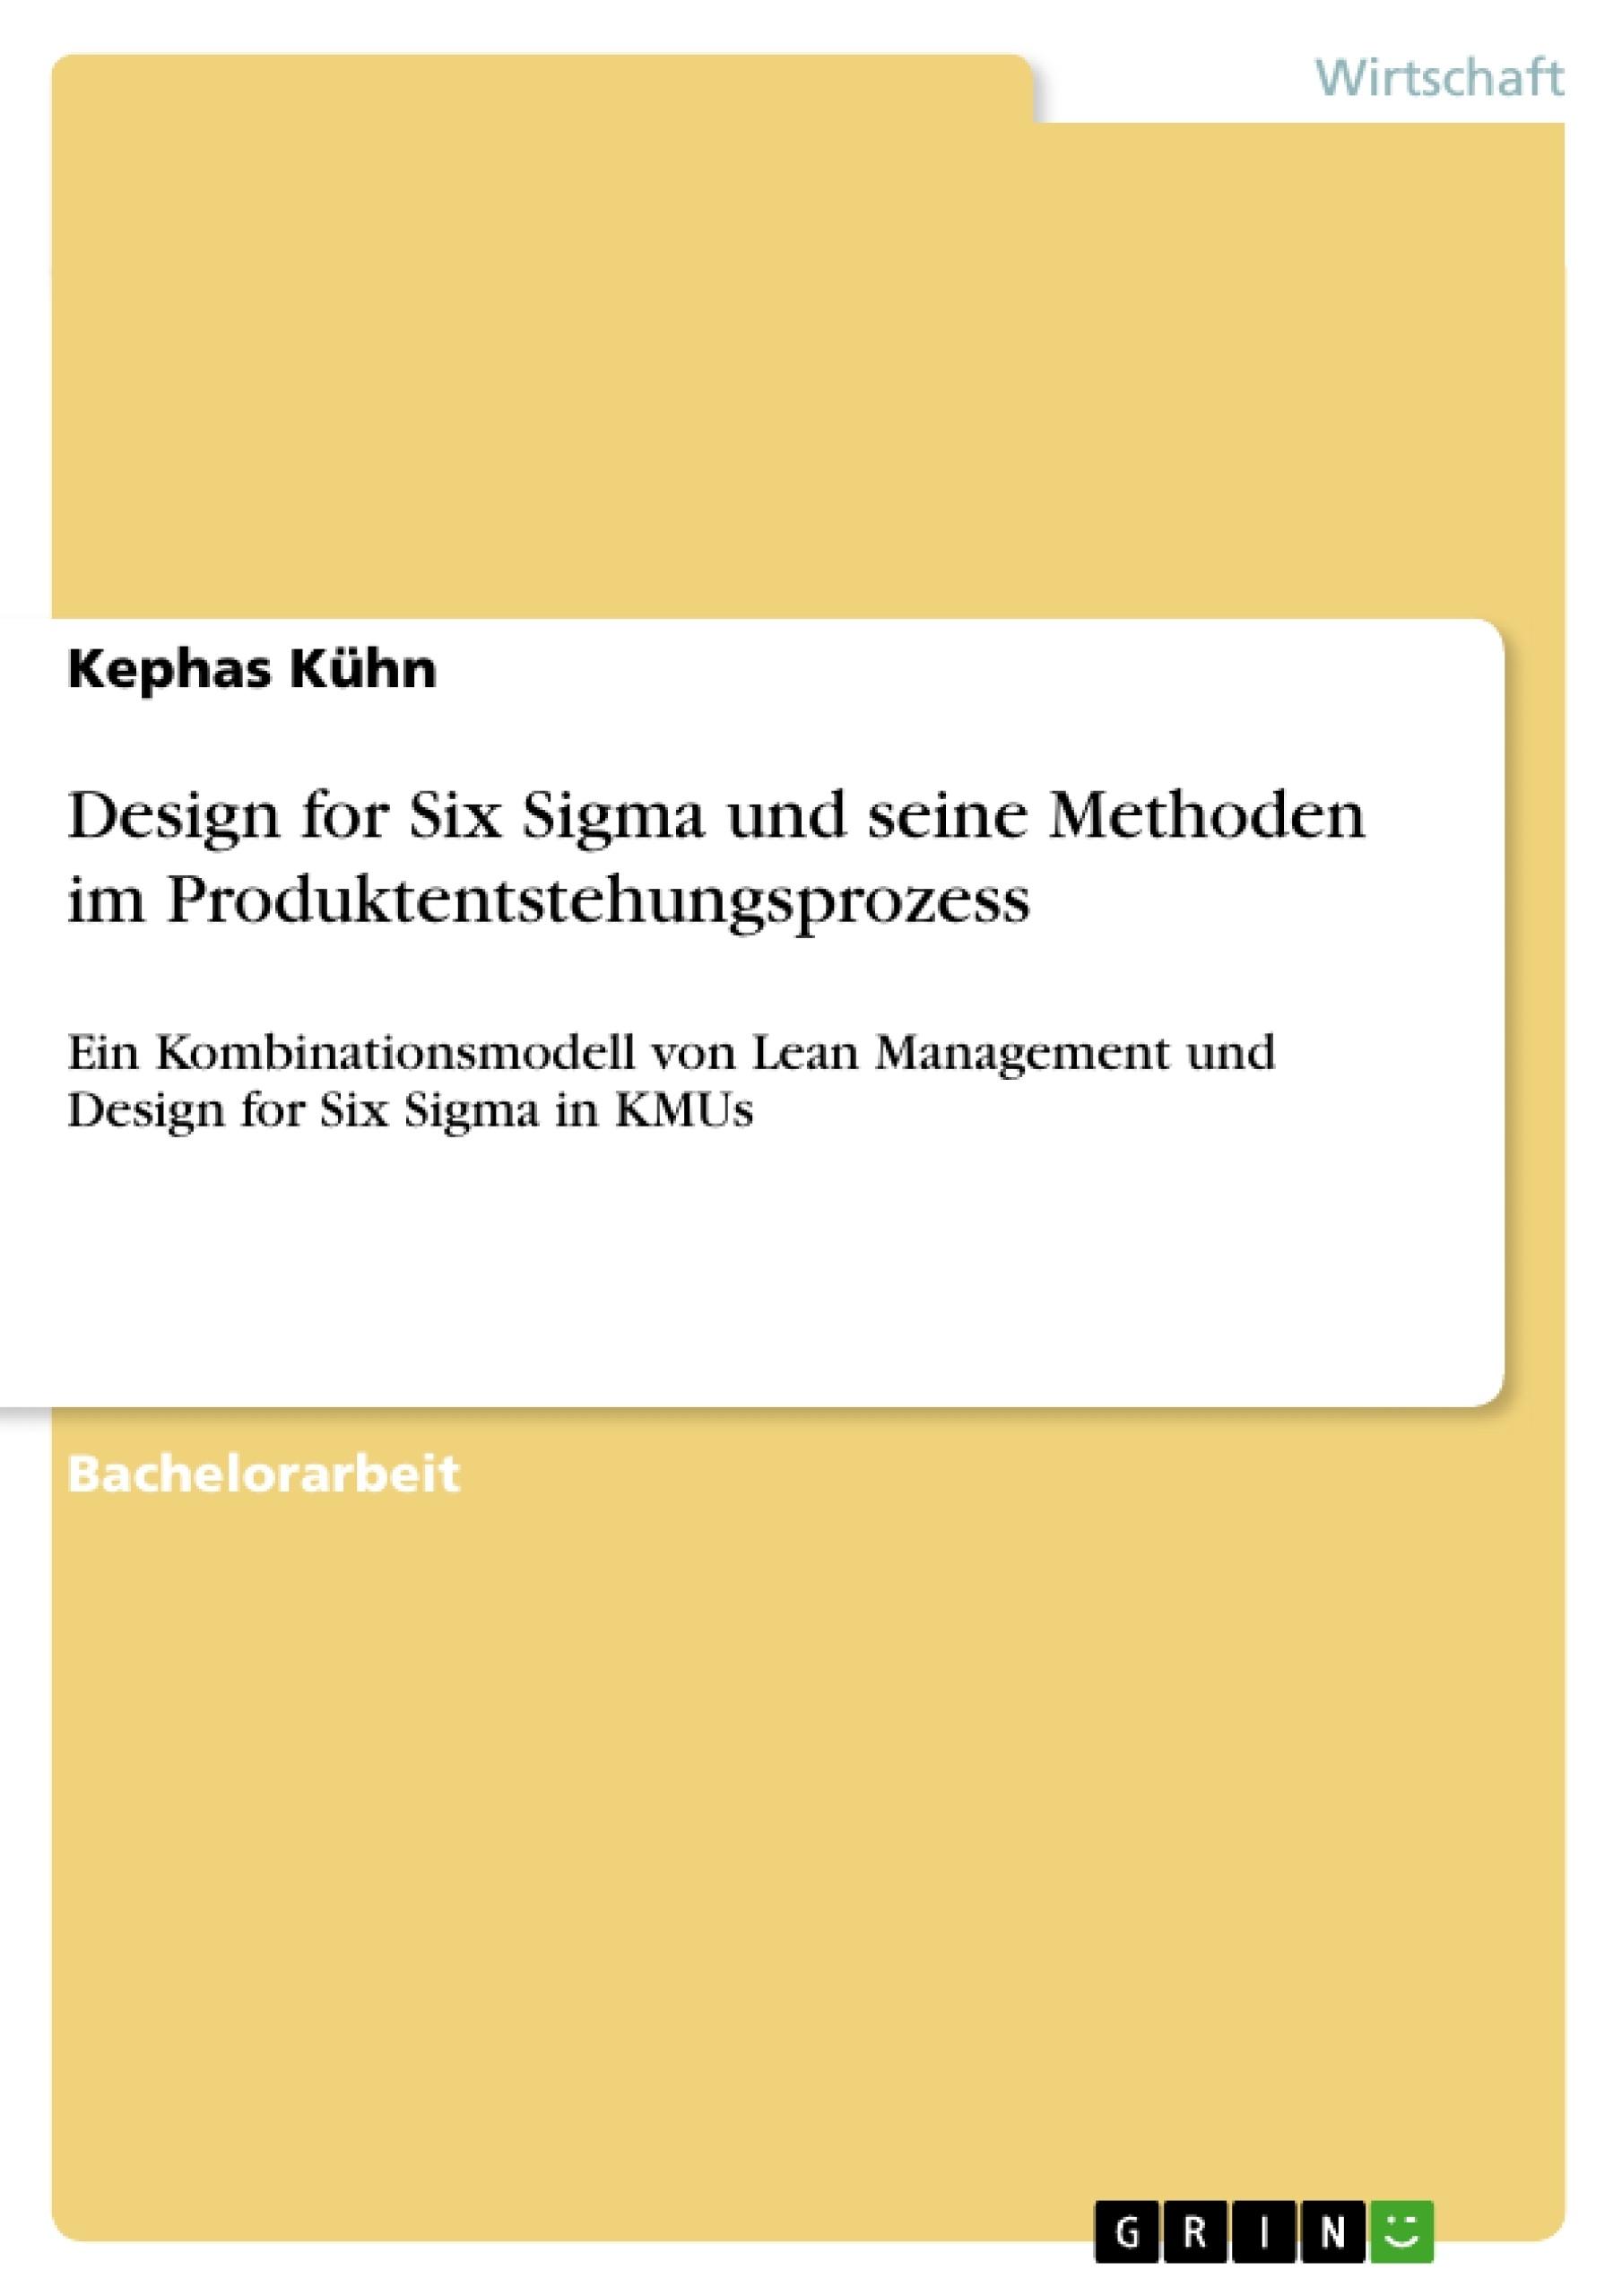 Titel: Design for Six Sigma und seine Methoden im Produktentstehungsprozess